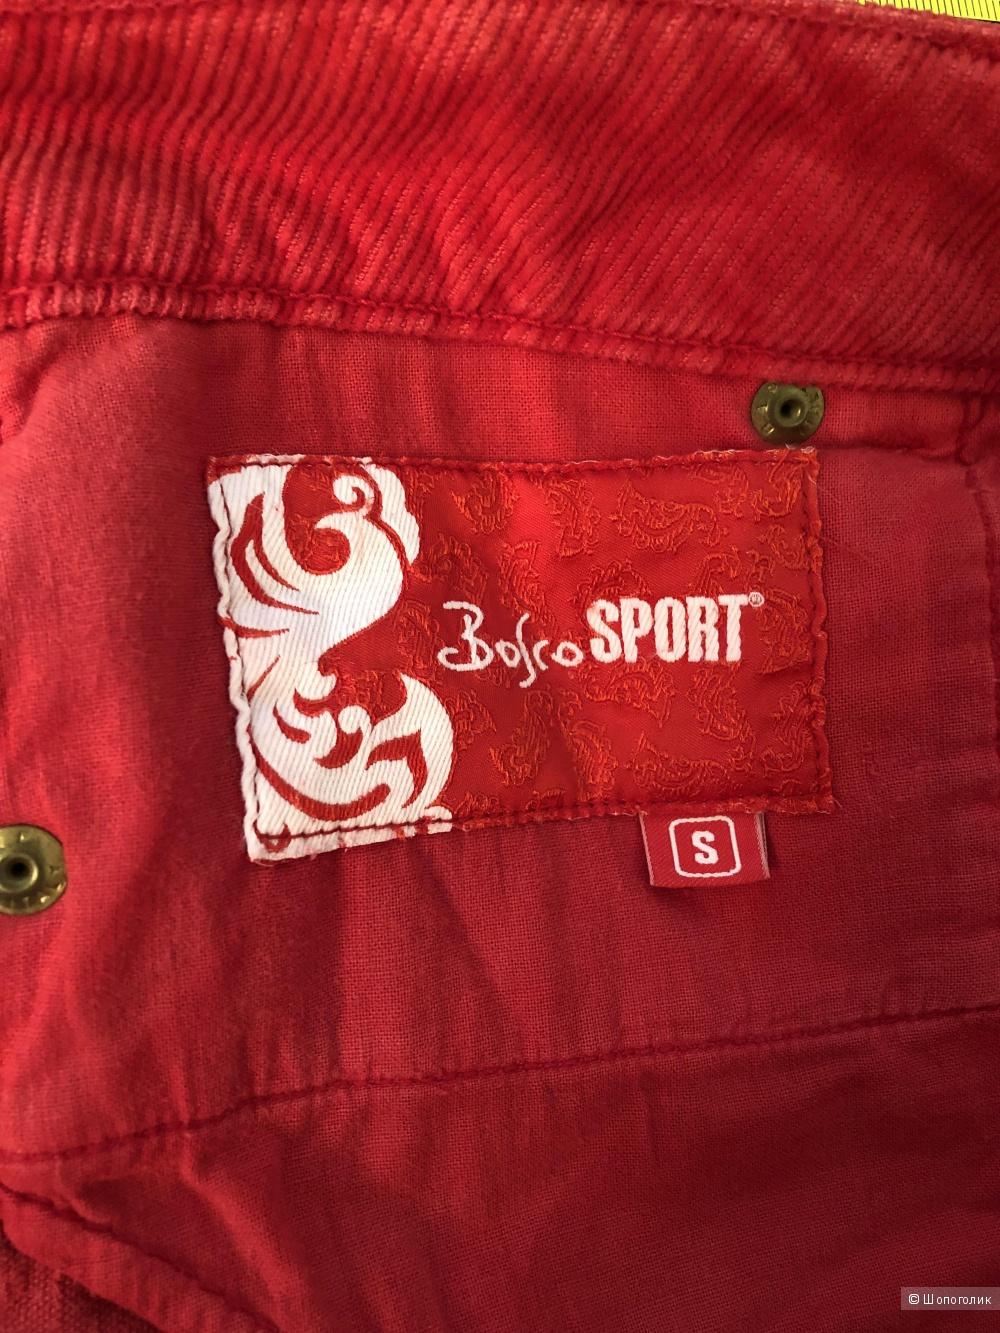 Вельветовые джинсы Bosko Sport, p S